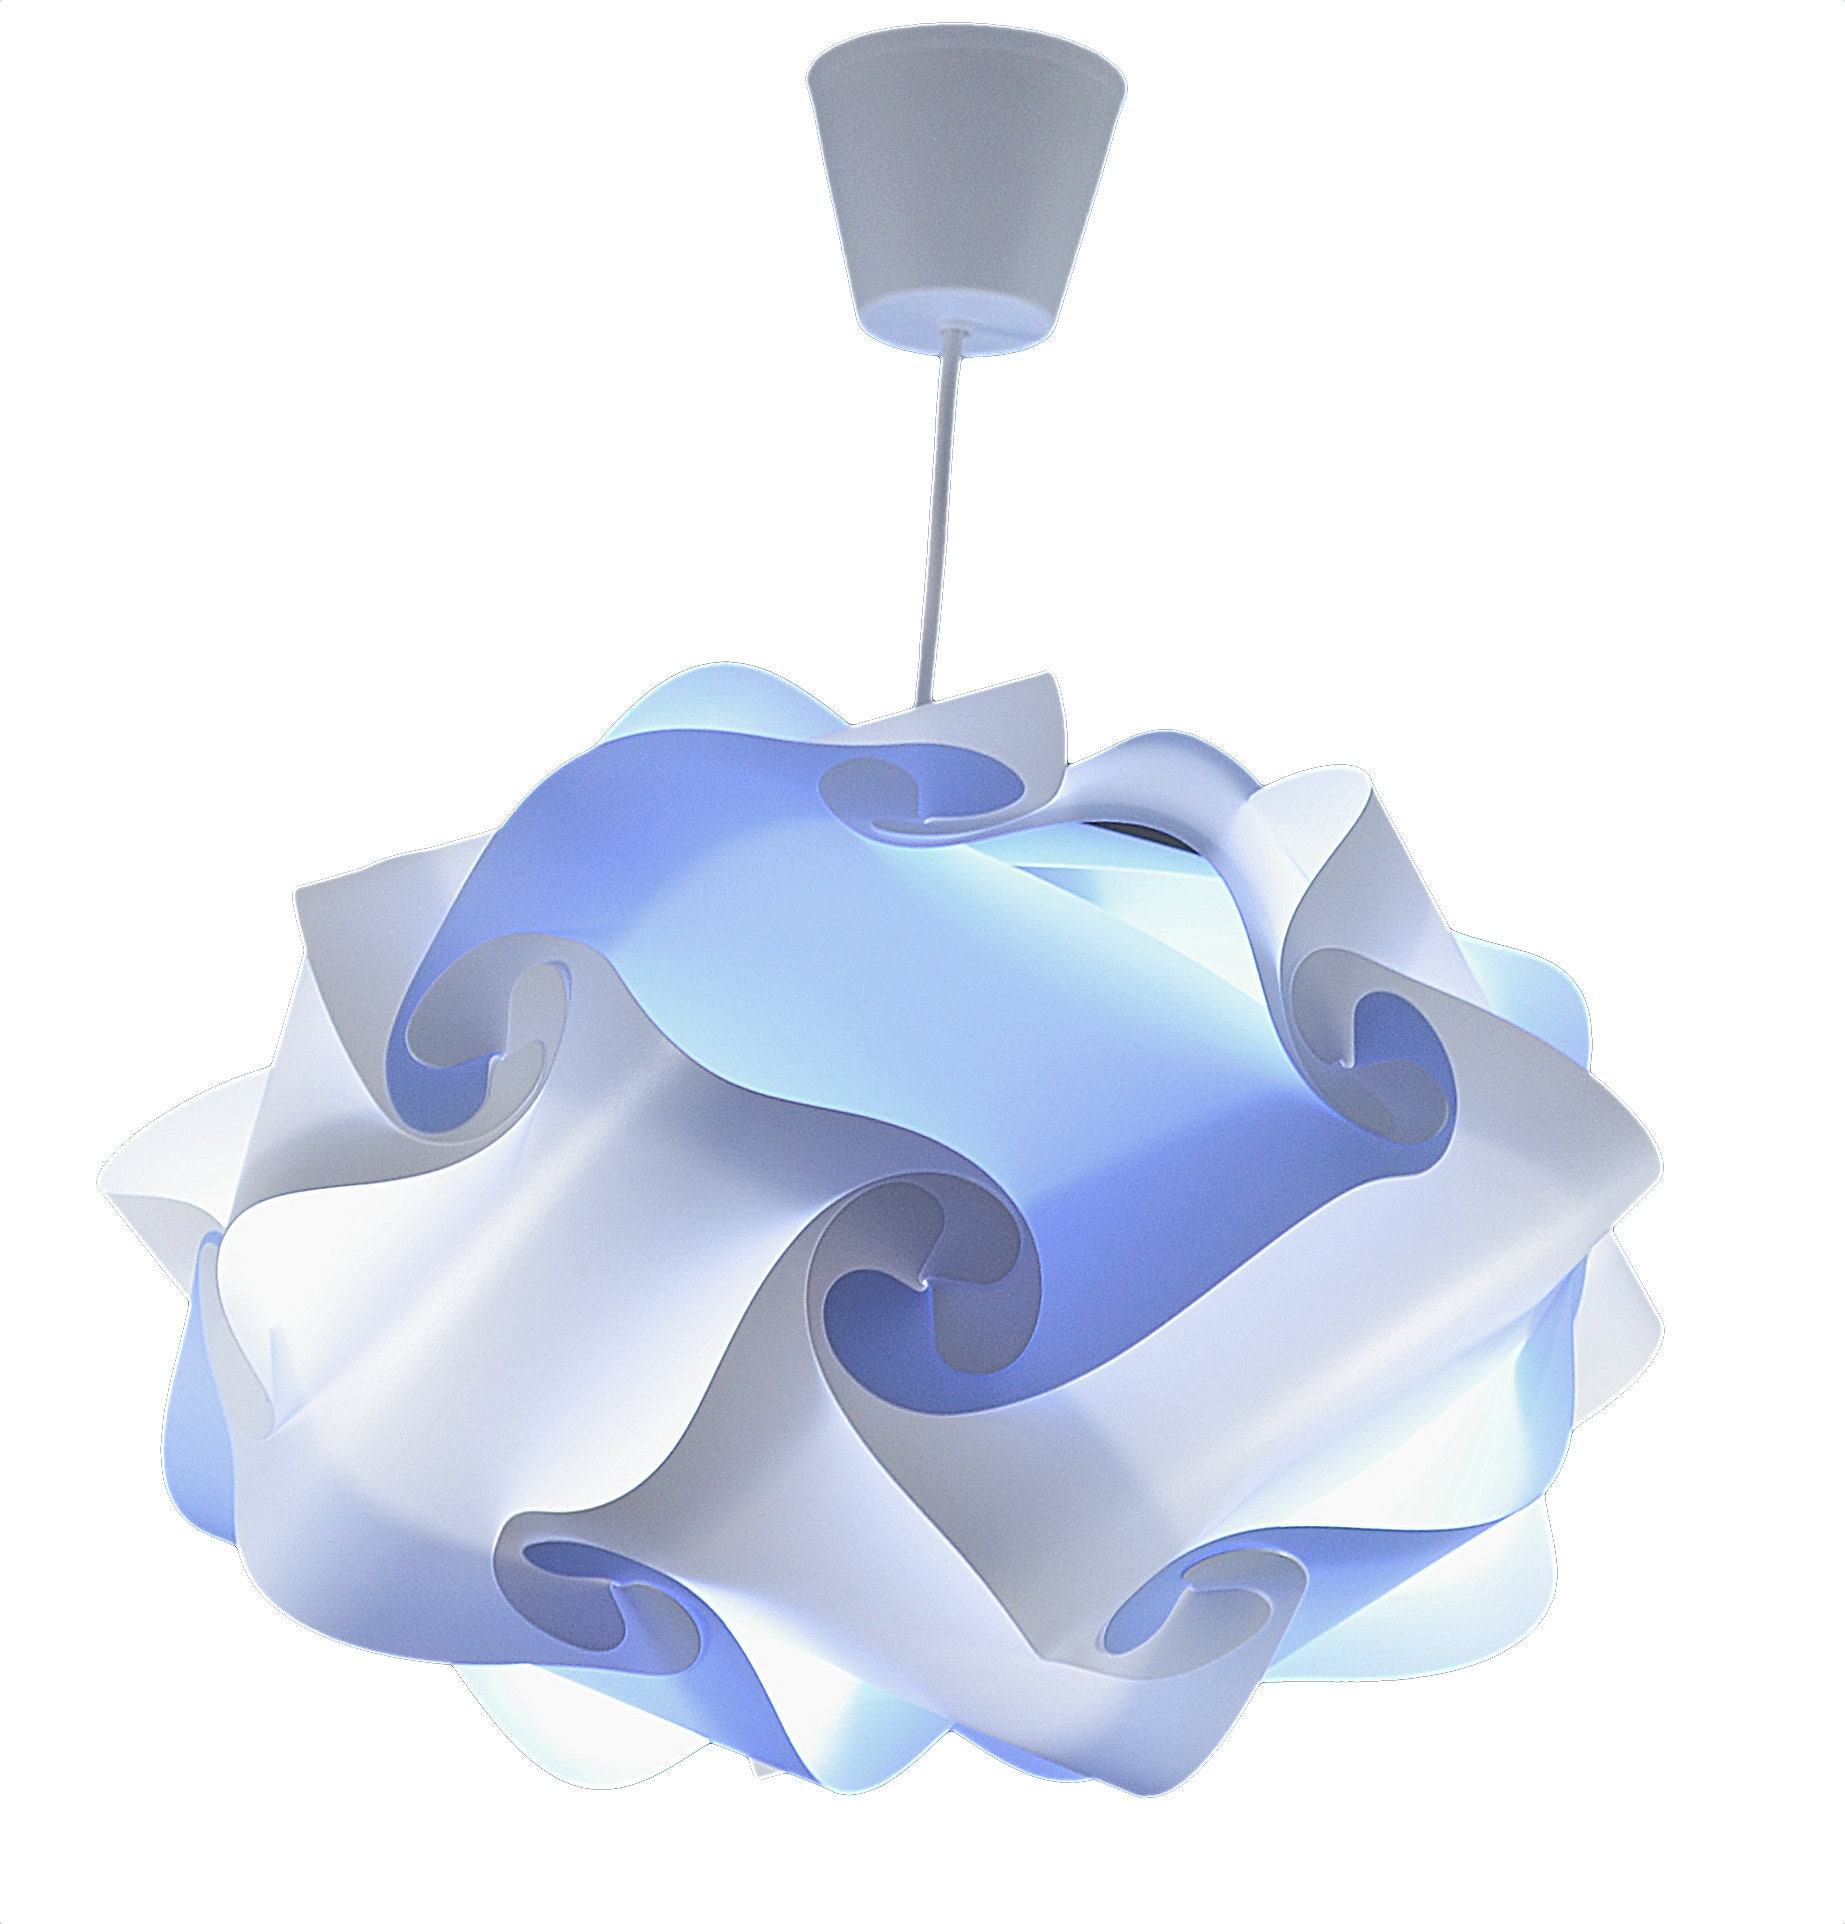 CREATIV LAMP - Suspension Luminaire - Abat Jour à suspendre - Décoration  salon, Chambre Enfant, Ado, Adulte - Ø17 cm - Mix